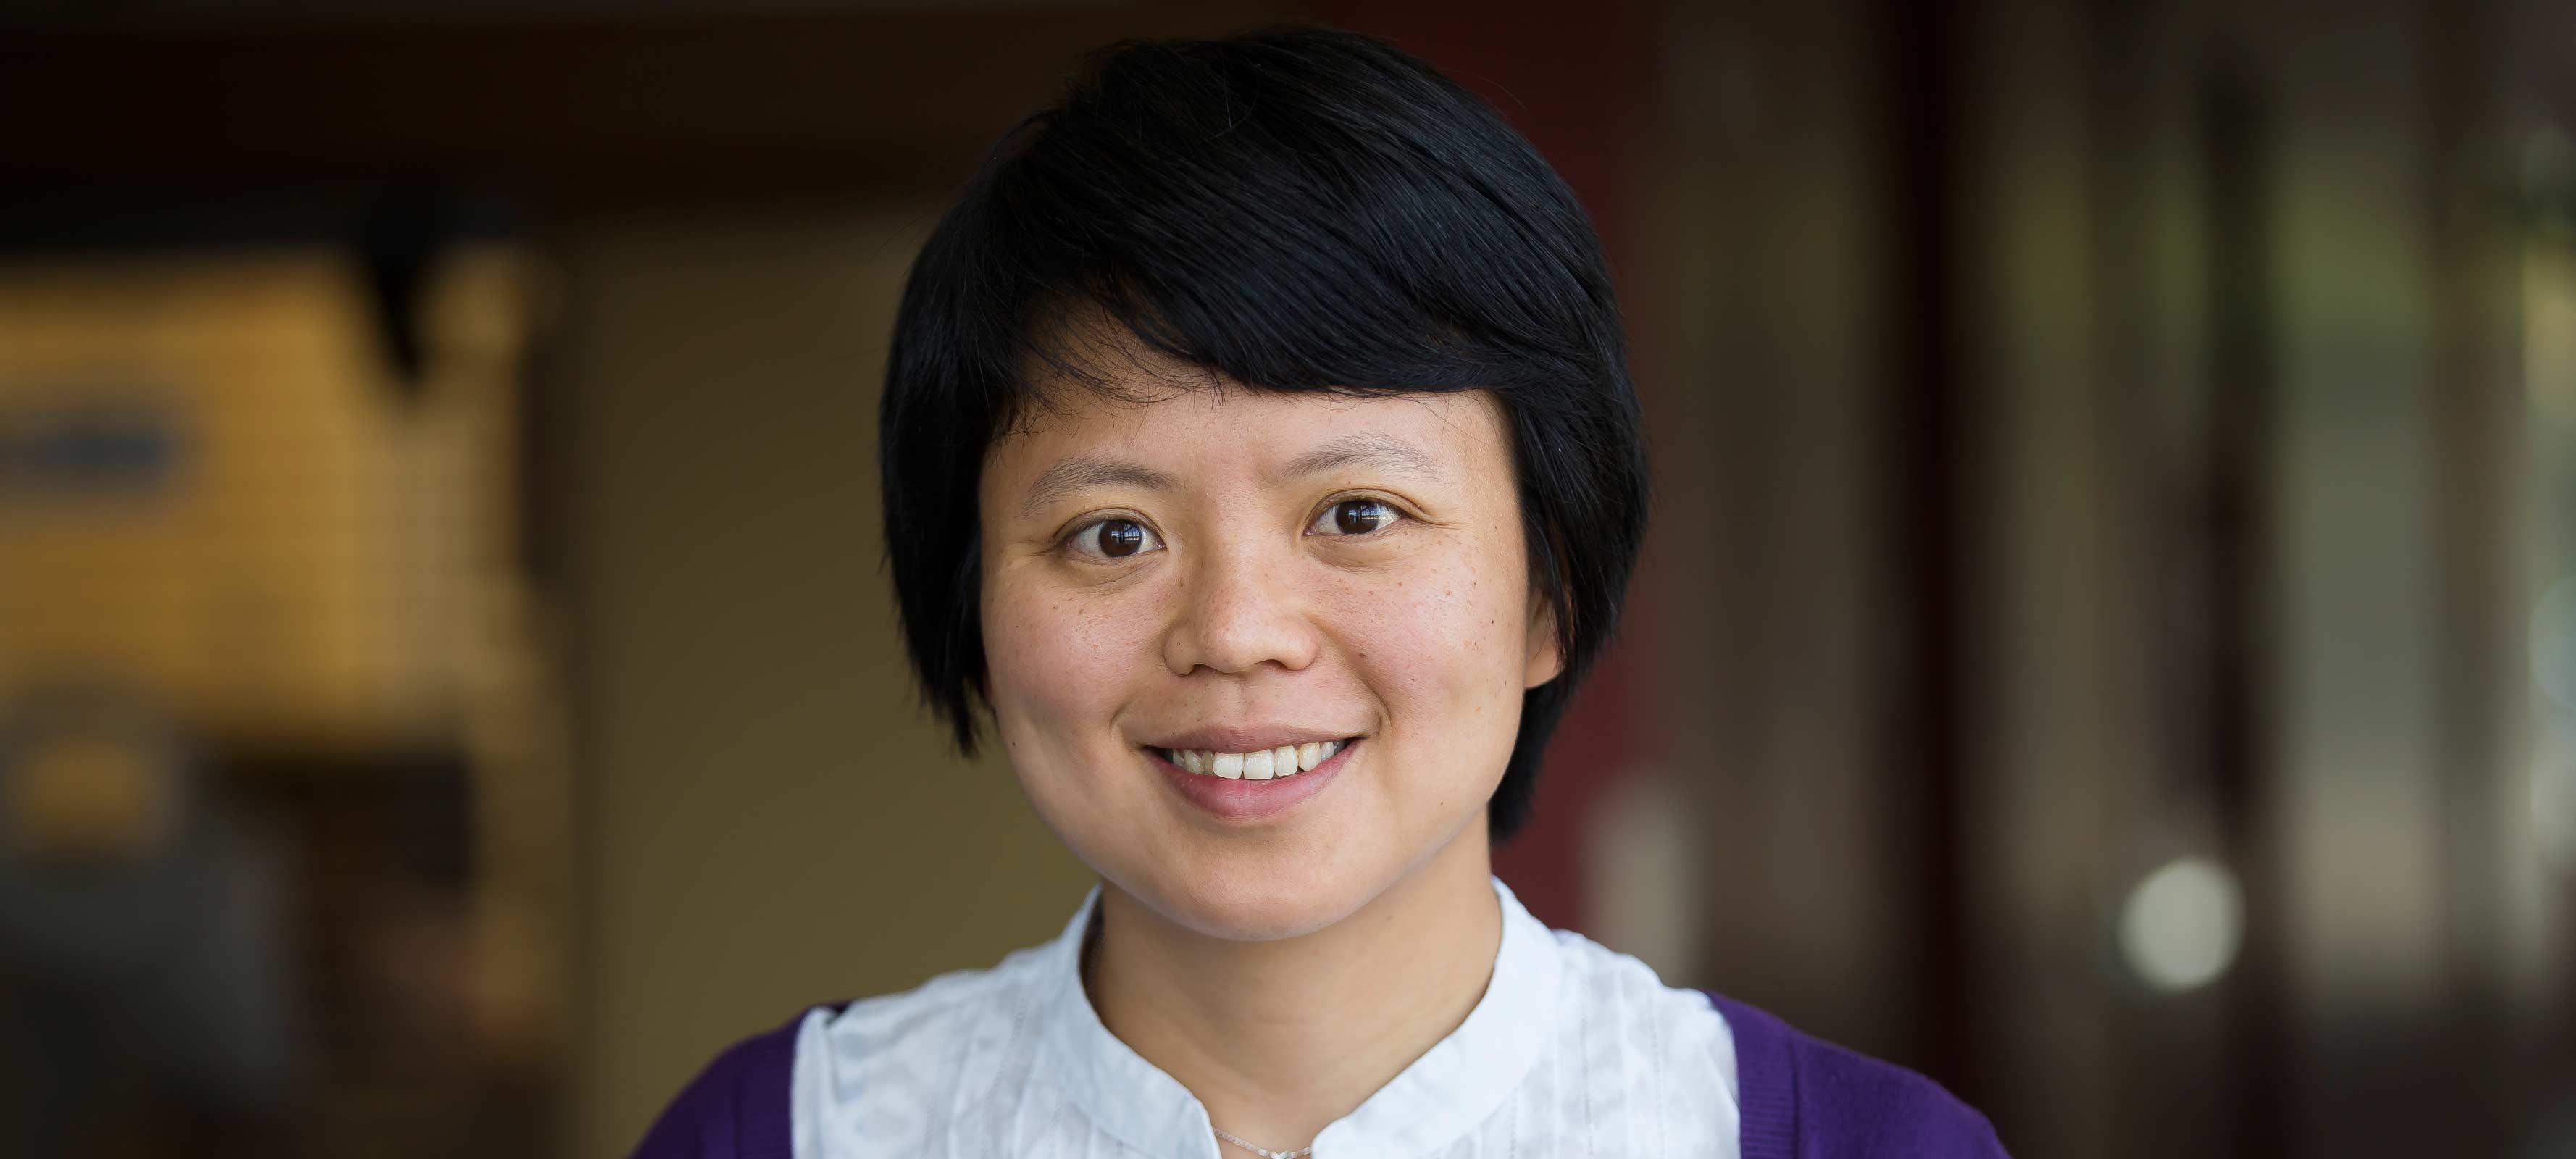 Siqian Shen. Photo: Joseph Xu, Michigan Engineering.